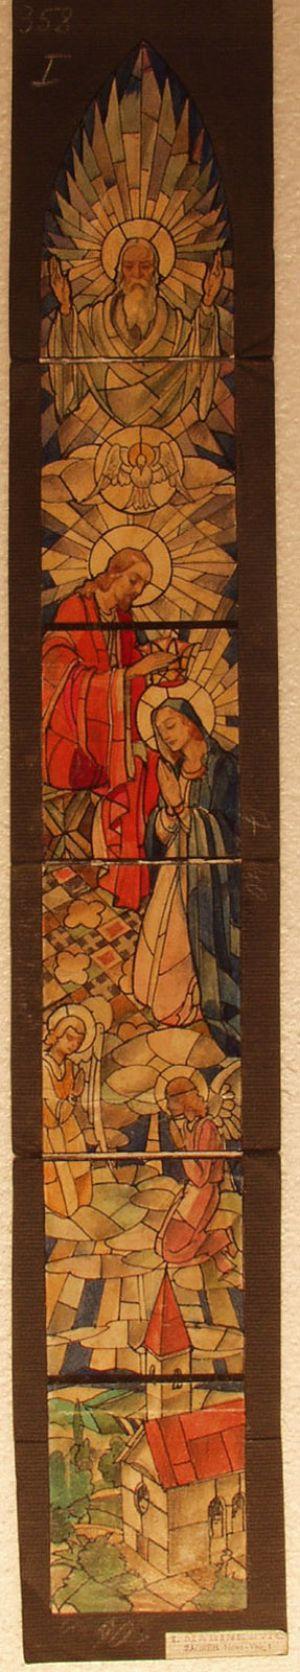 MUO-031486: Krunjenje Marije: skica za vitraj